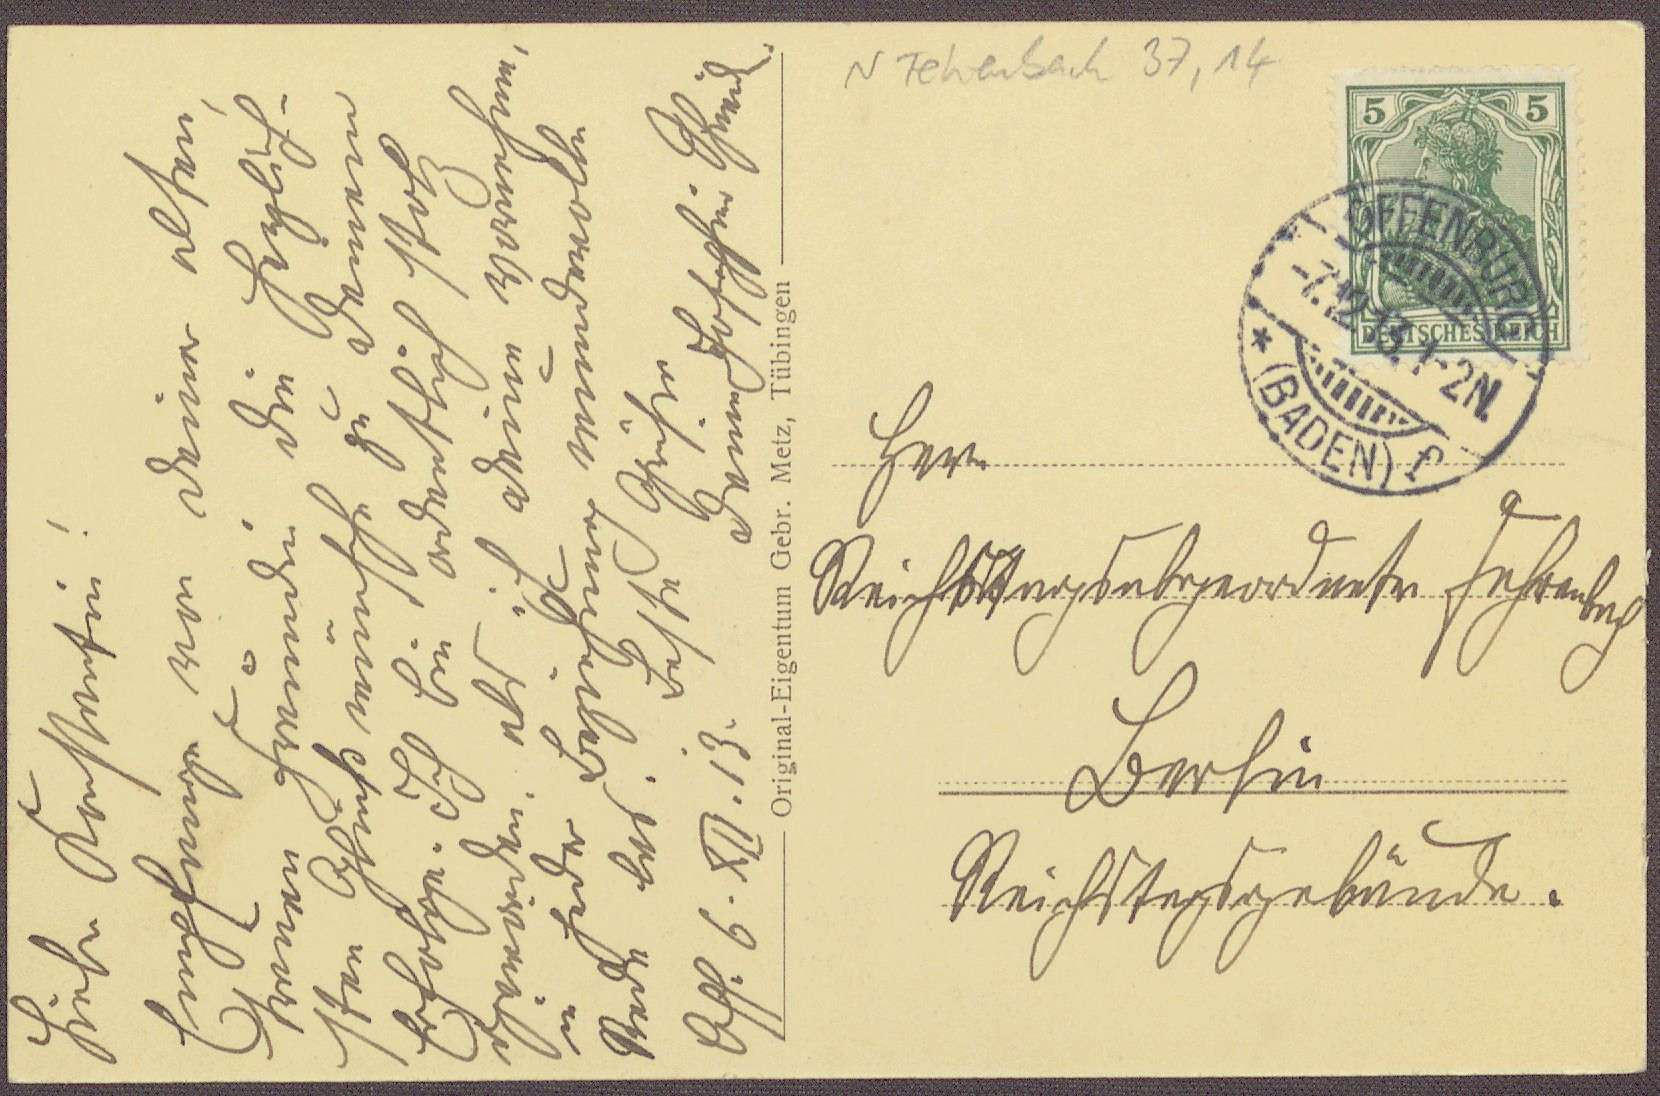 Postkarte, Motiv vom Schloss Ortenberg, an Constantin Fehrenbach, Gratulation zur Zabern-Rede, Bild 2